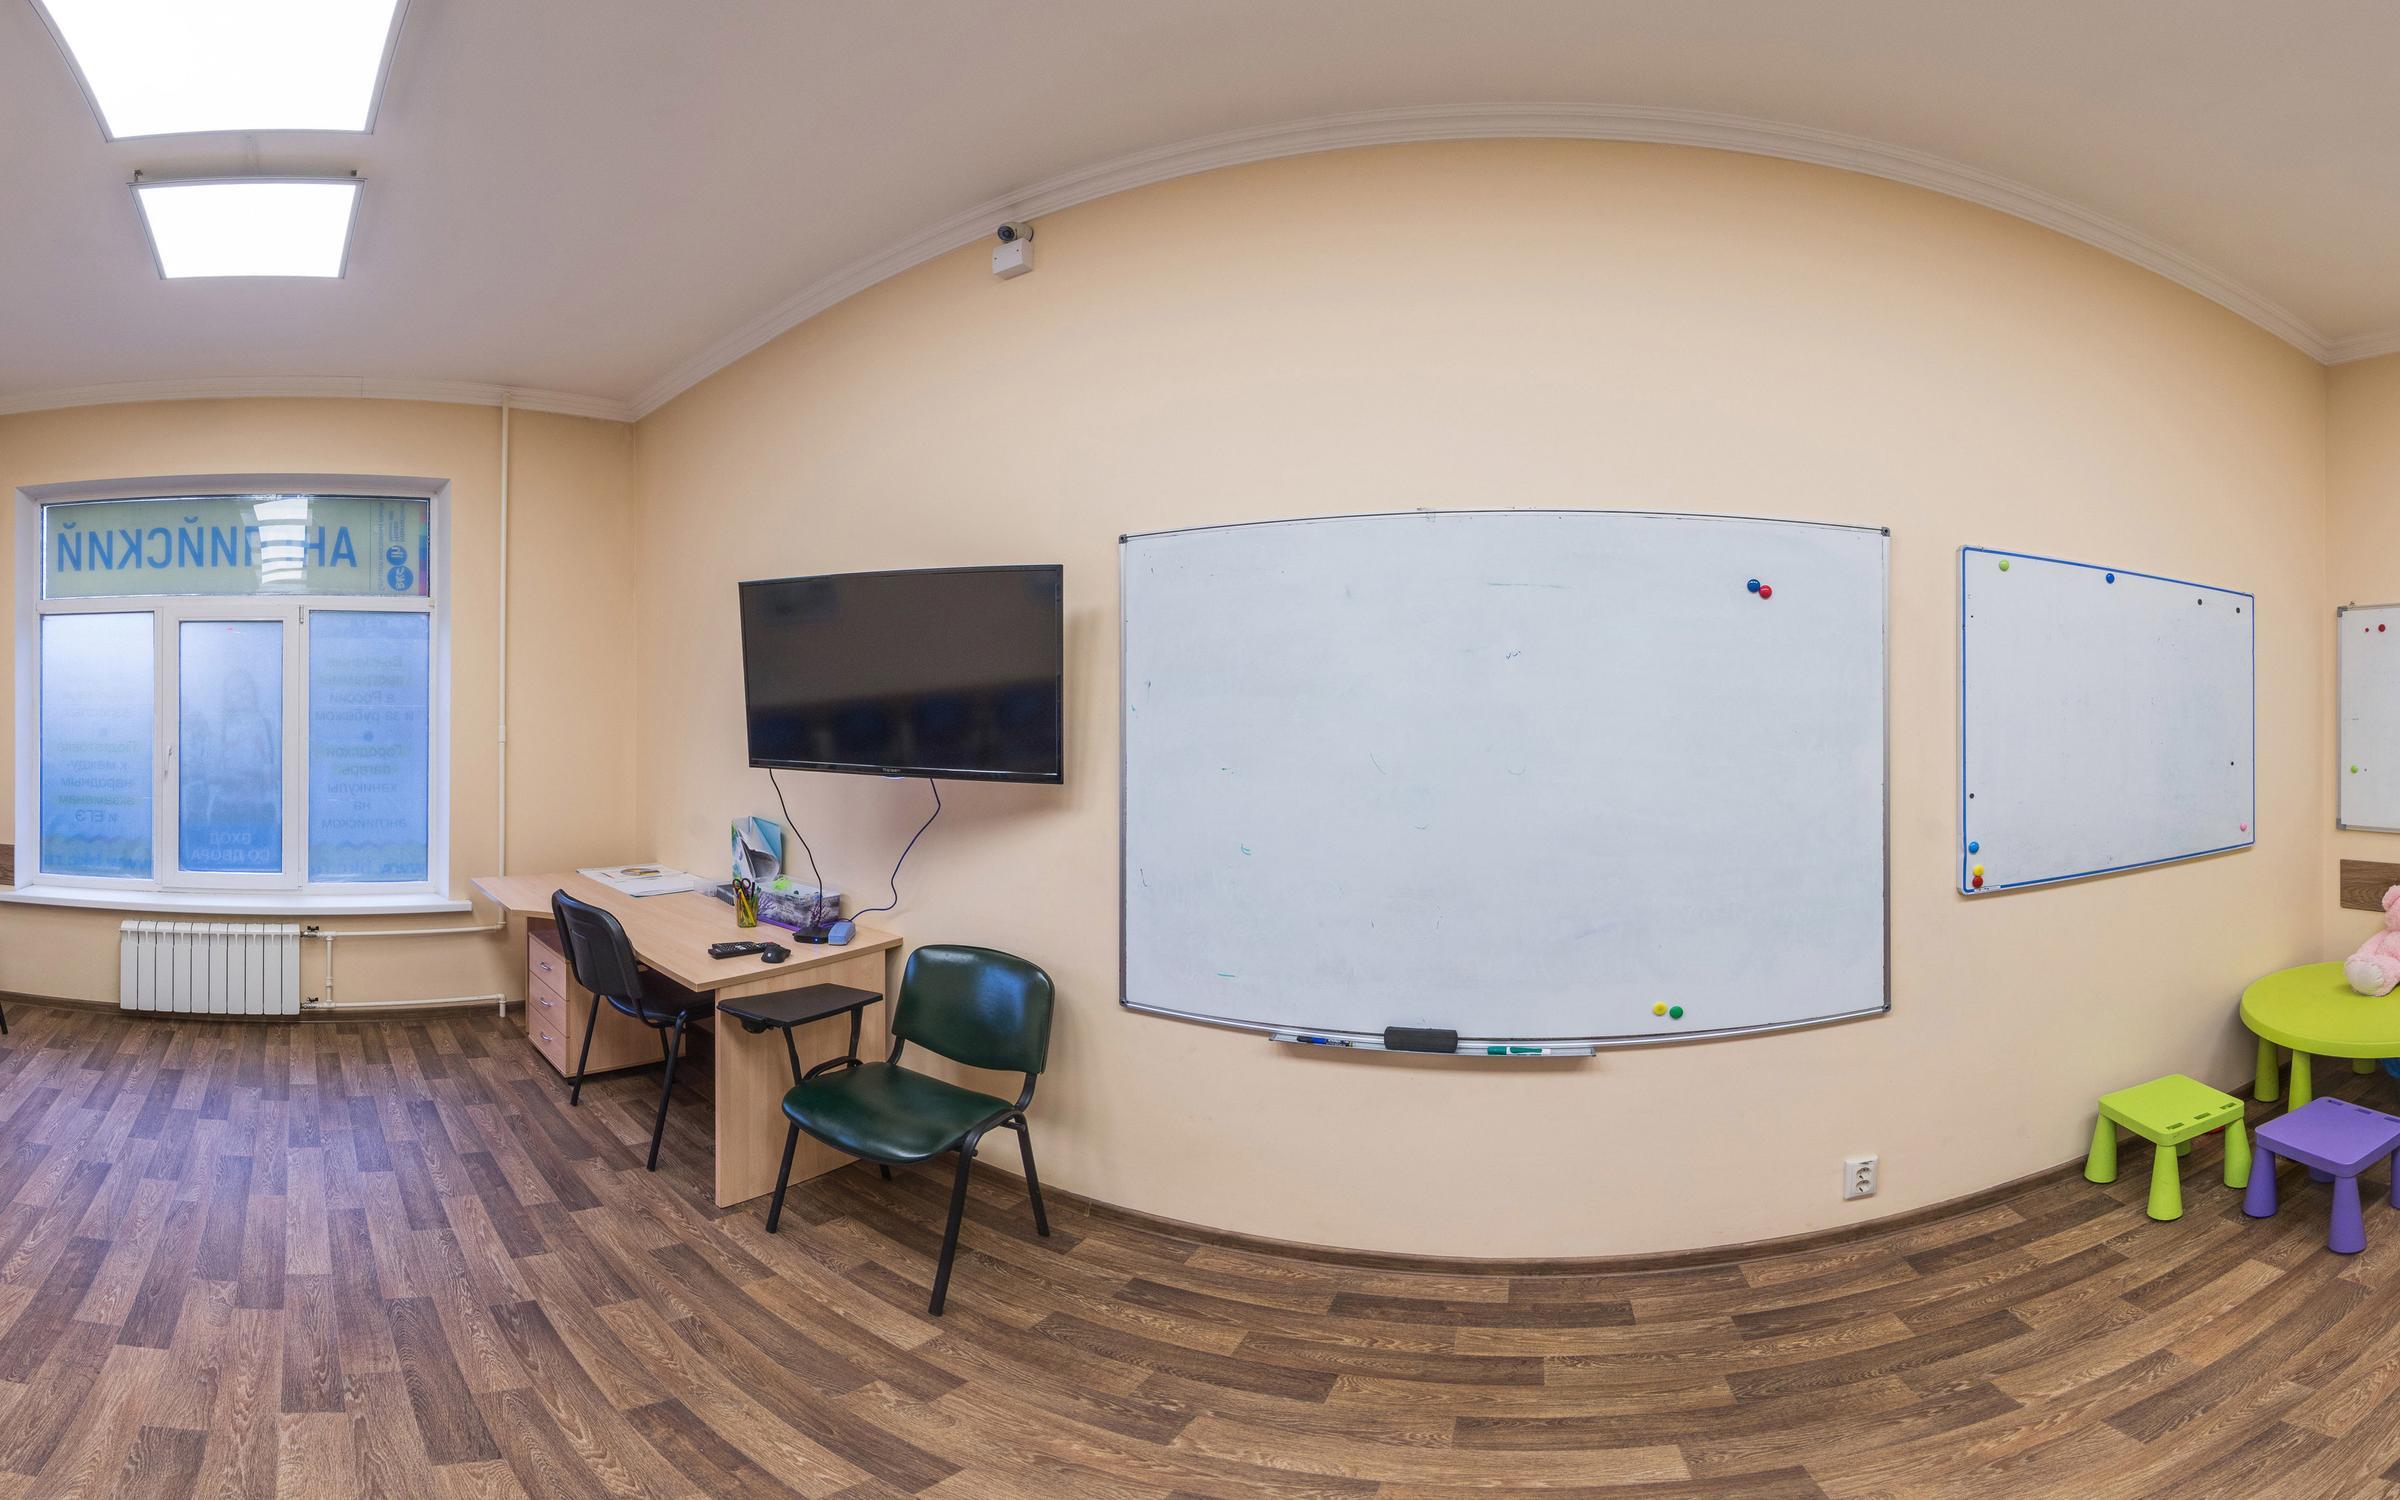 фотография Школы иностранных языков BKC International House на метро Новокосино